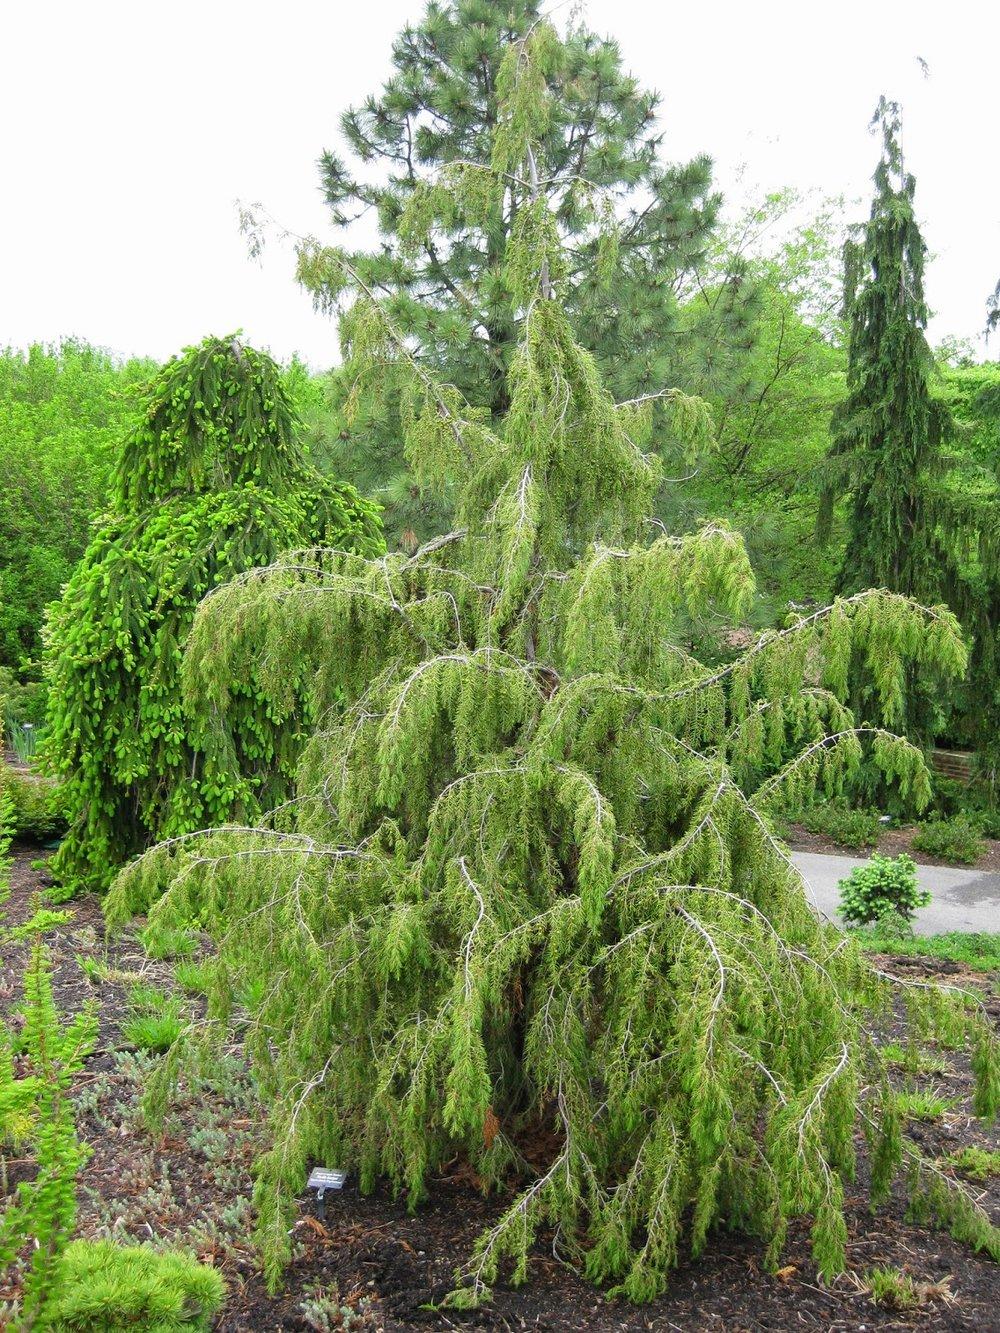 Image via  Rotary Botanical Gardens Horticulture Blog